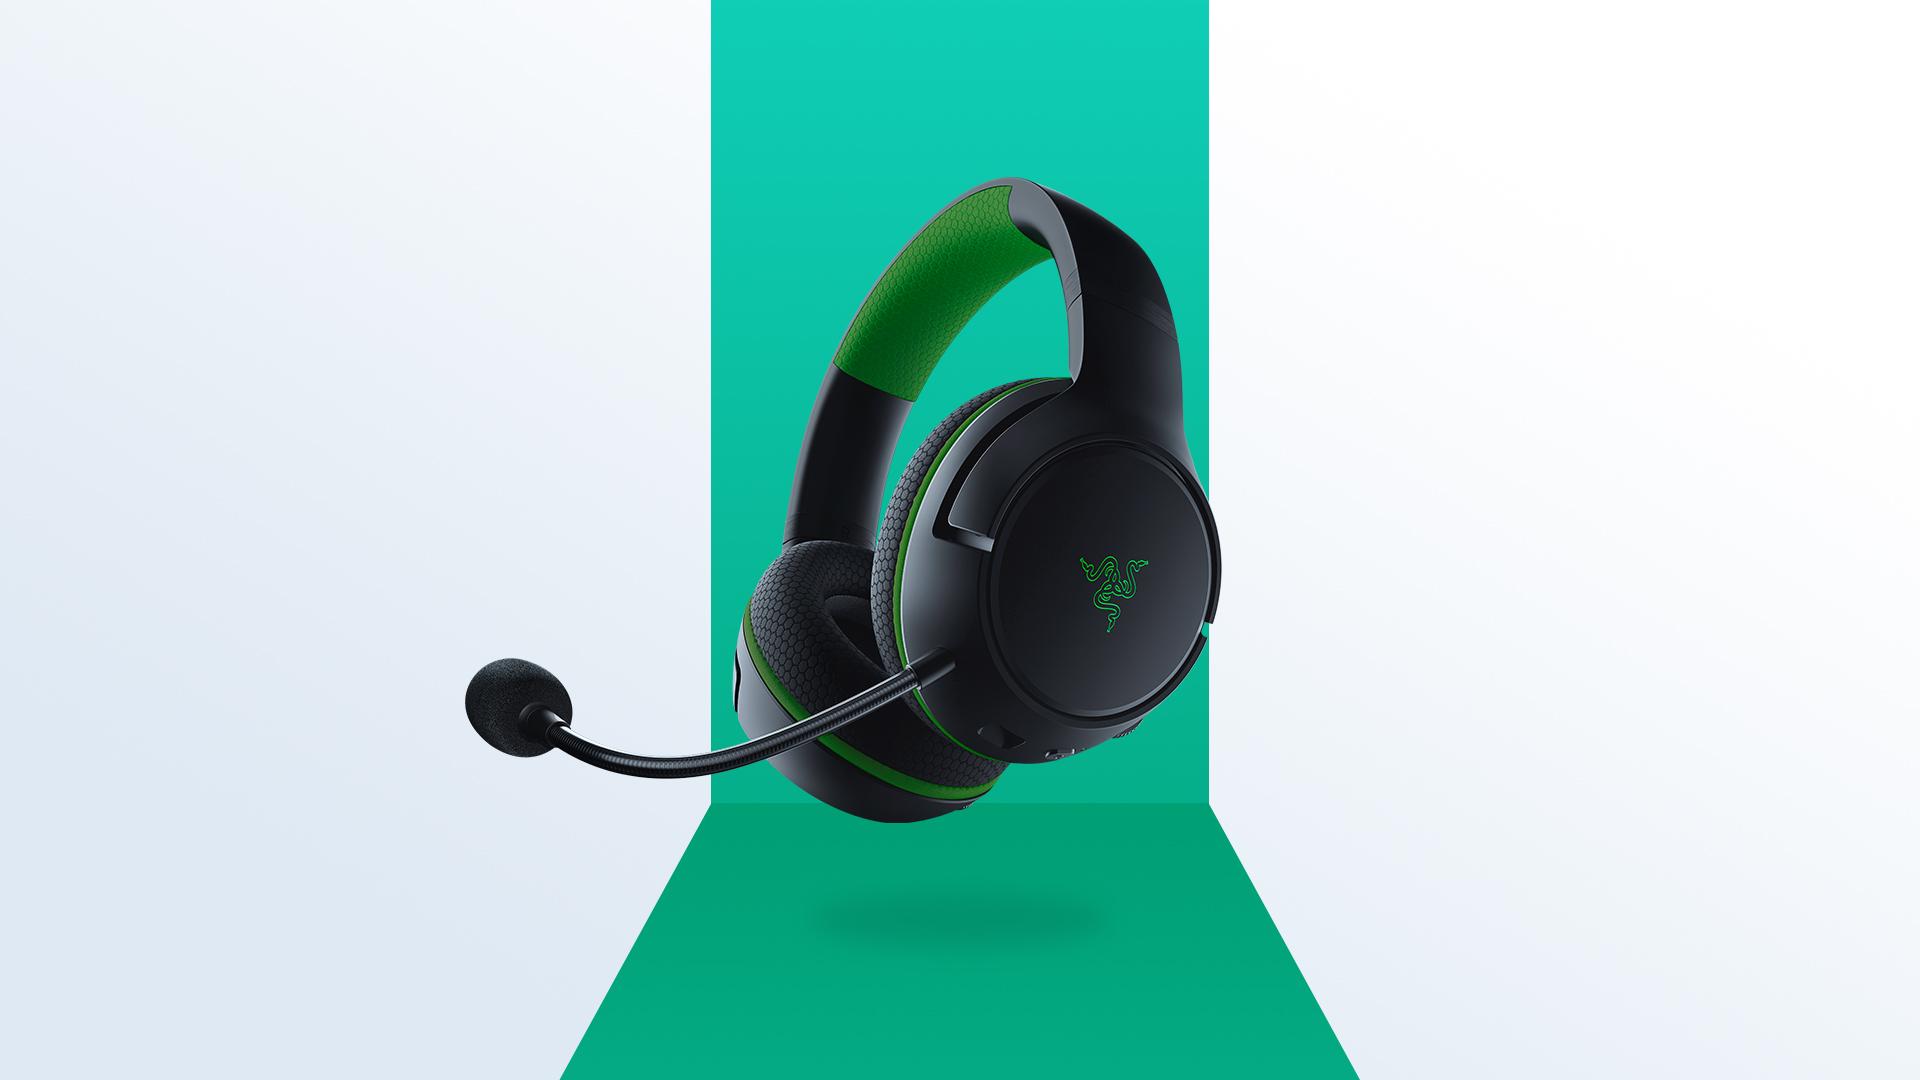 Razer Kaira for Xbox